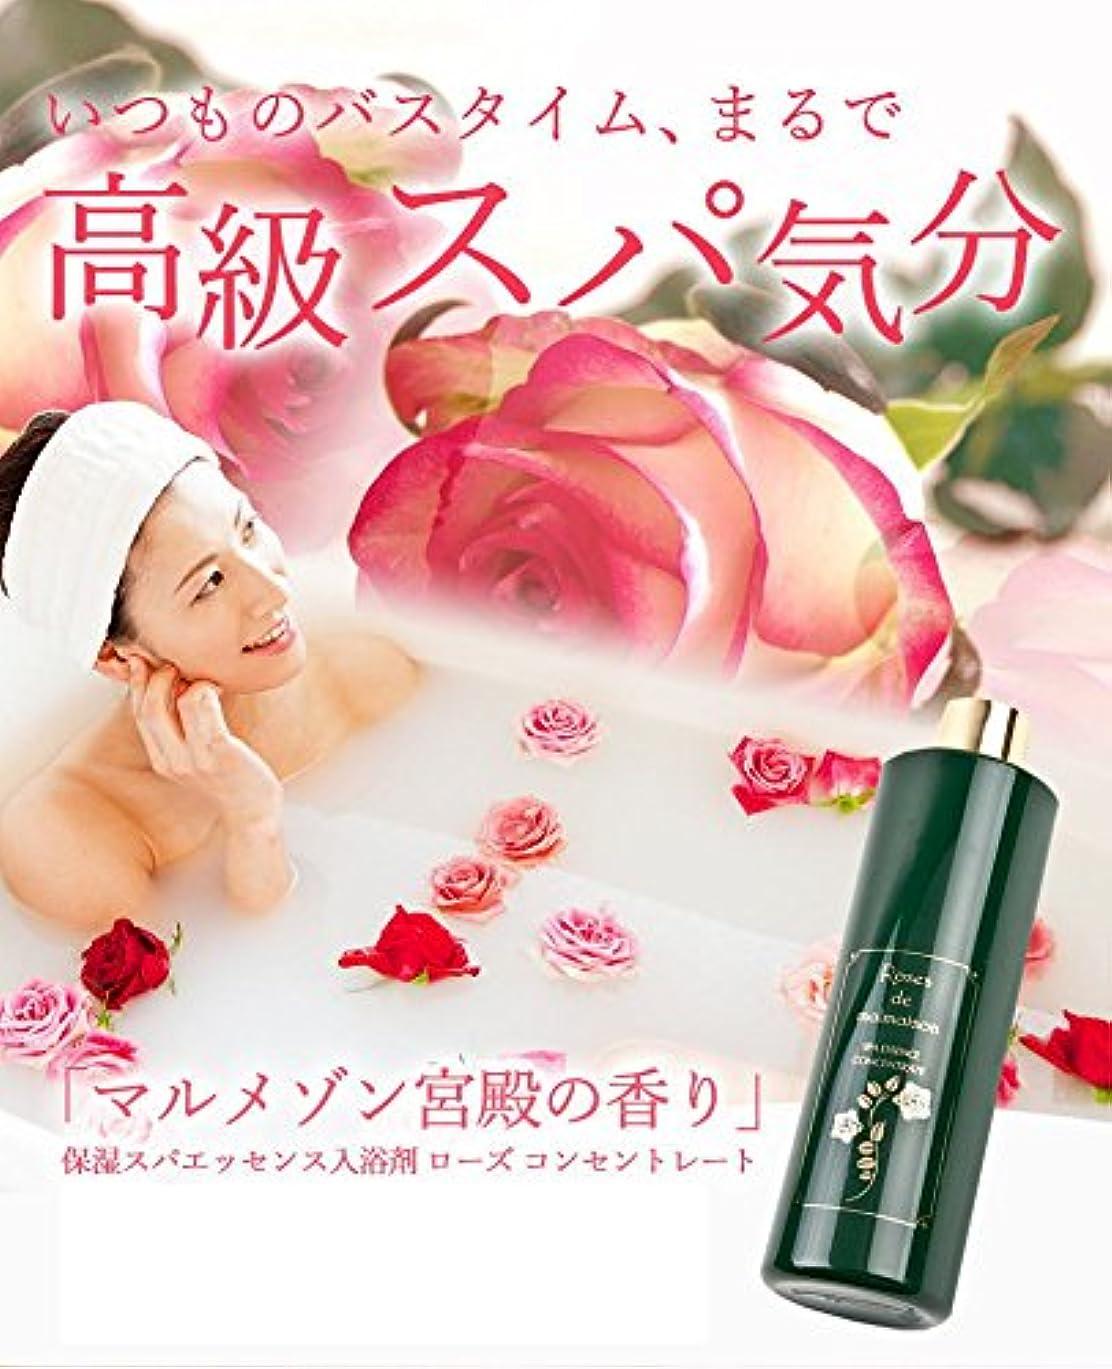 フルーツ同一の移民ローズドマルメゾン スパエッセンス コンセントレート バラの香りの入浴剤 天然ローズの香り 高級スパのような入浴剤